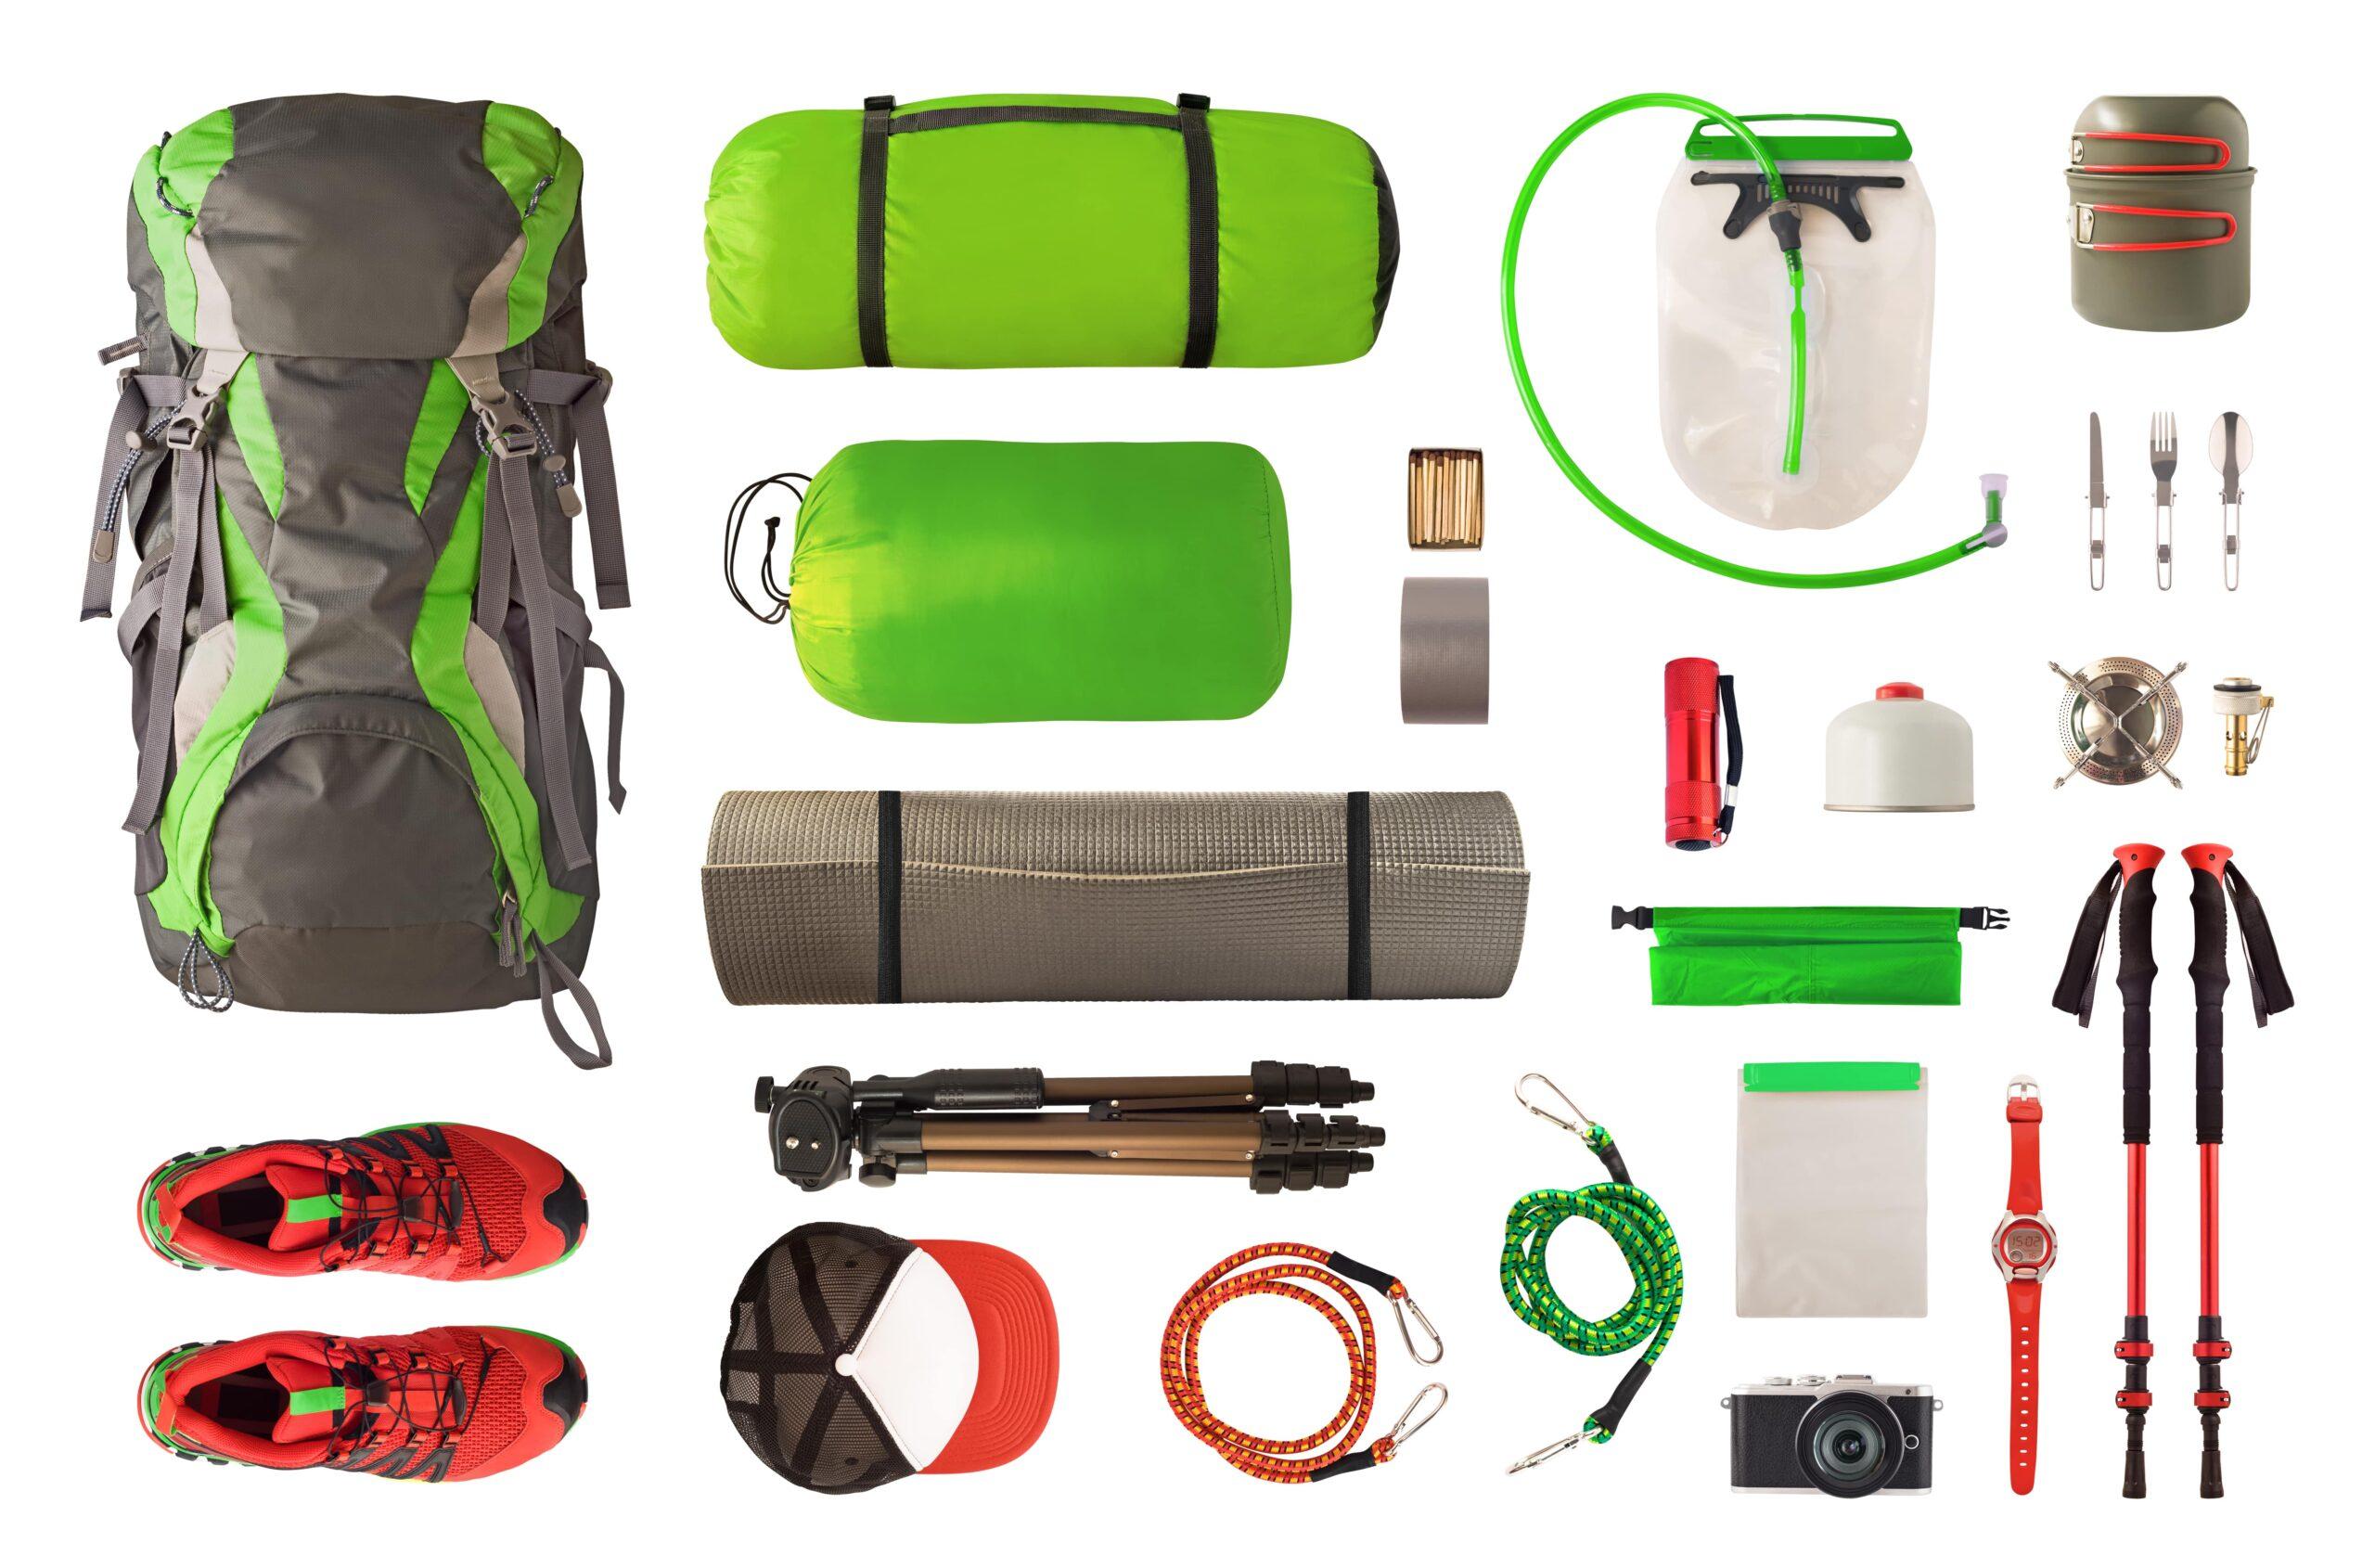 Best Budget Lightweight Backpacking Gear For Beginners